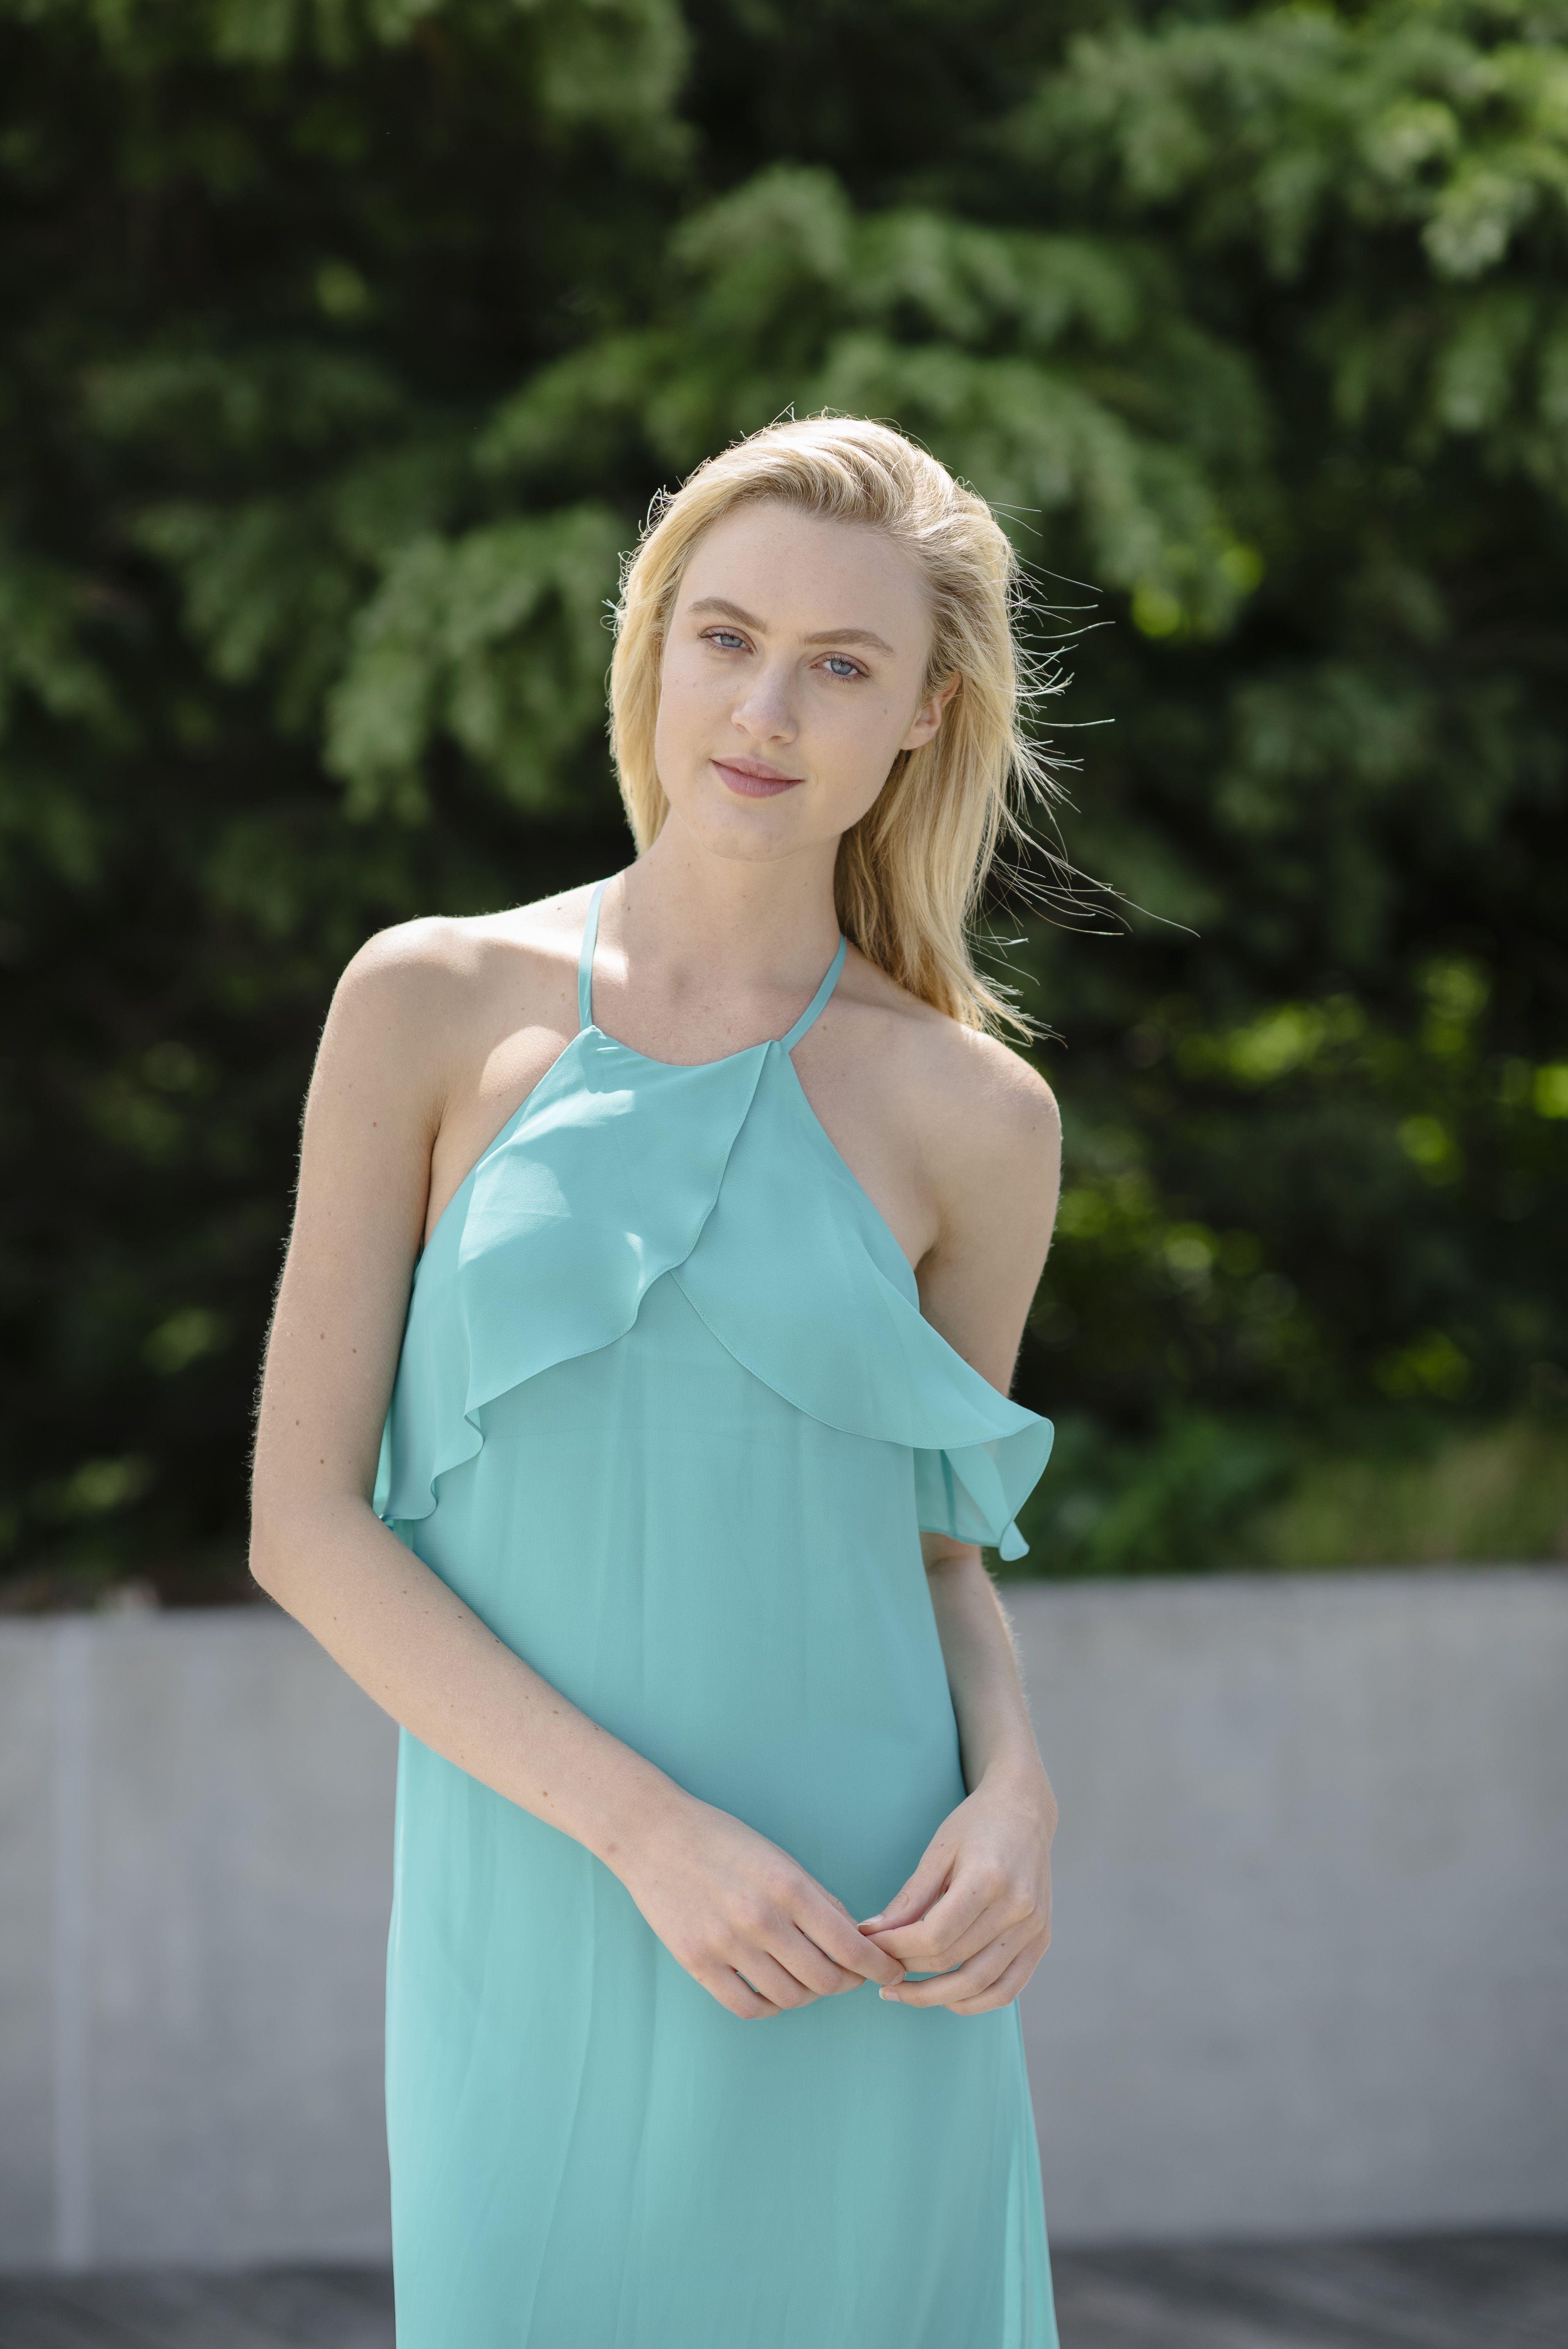 Nouvelle Amsale chiffon bridesmaid dress in Aqua | Nouvelle Amsale ...